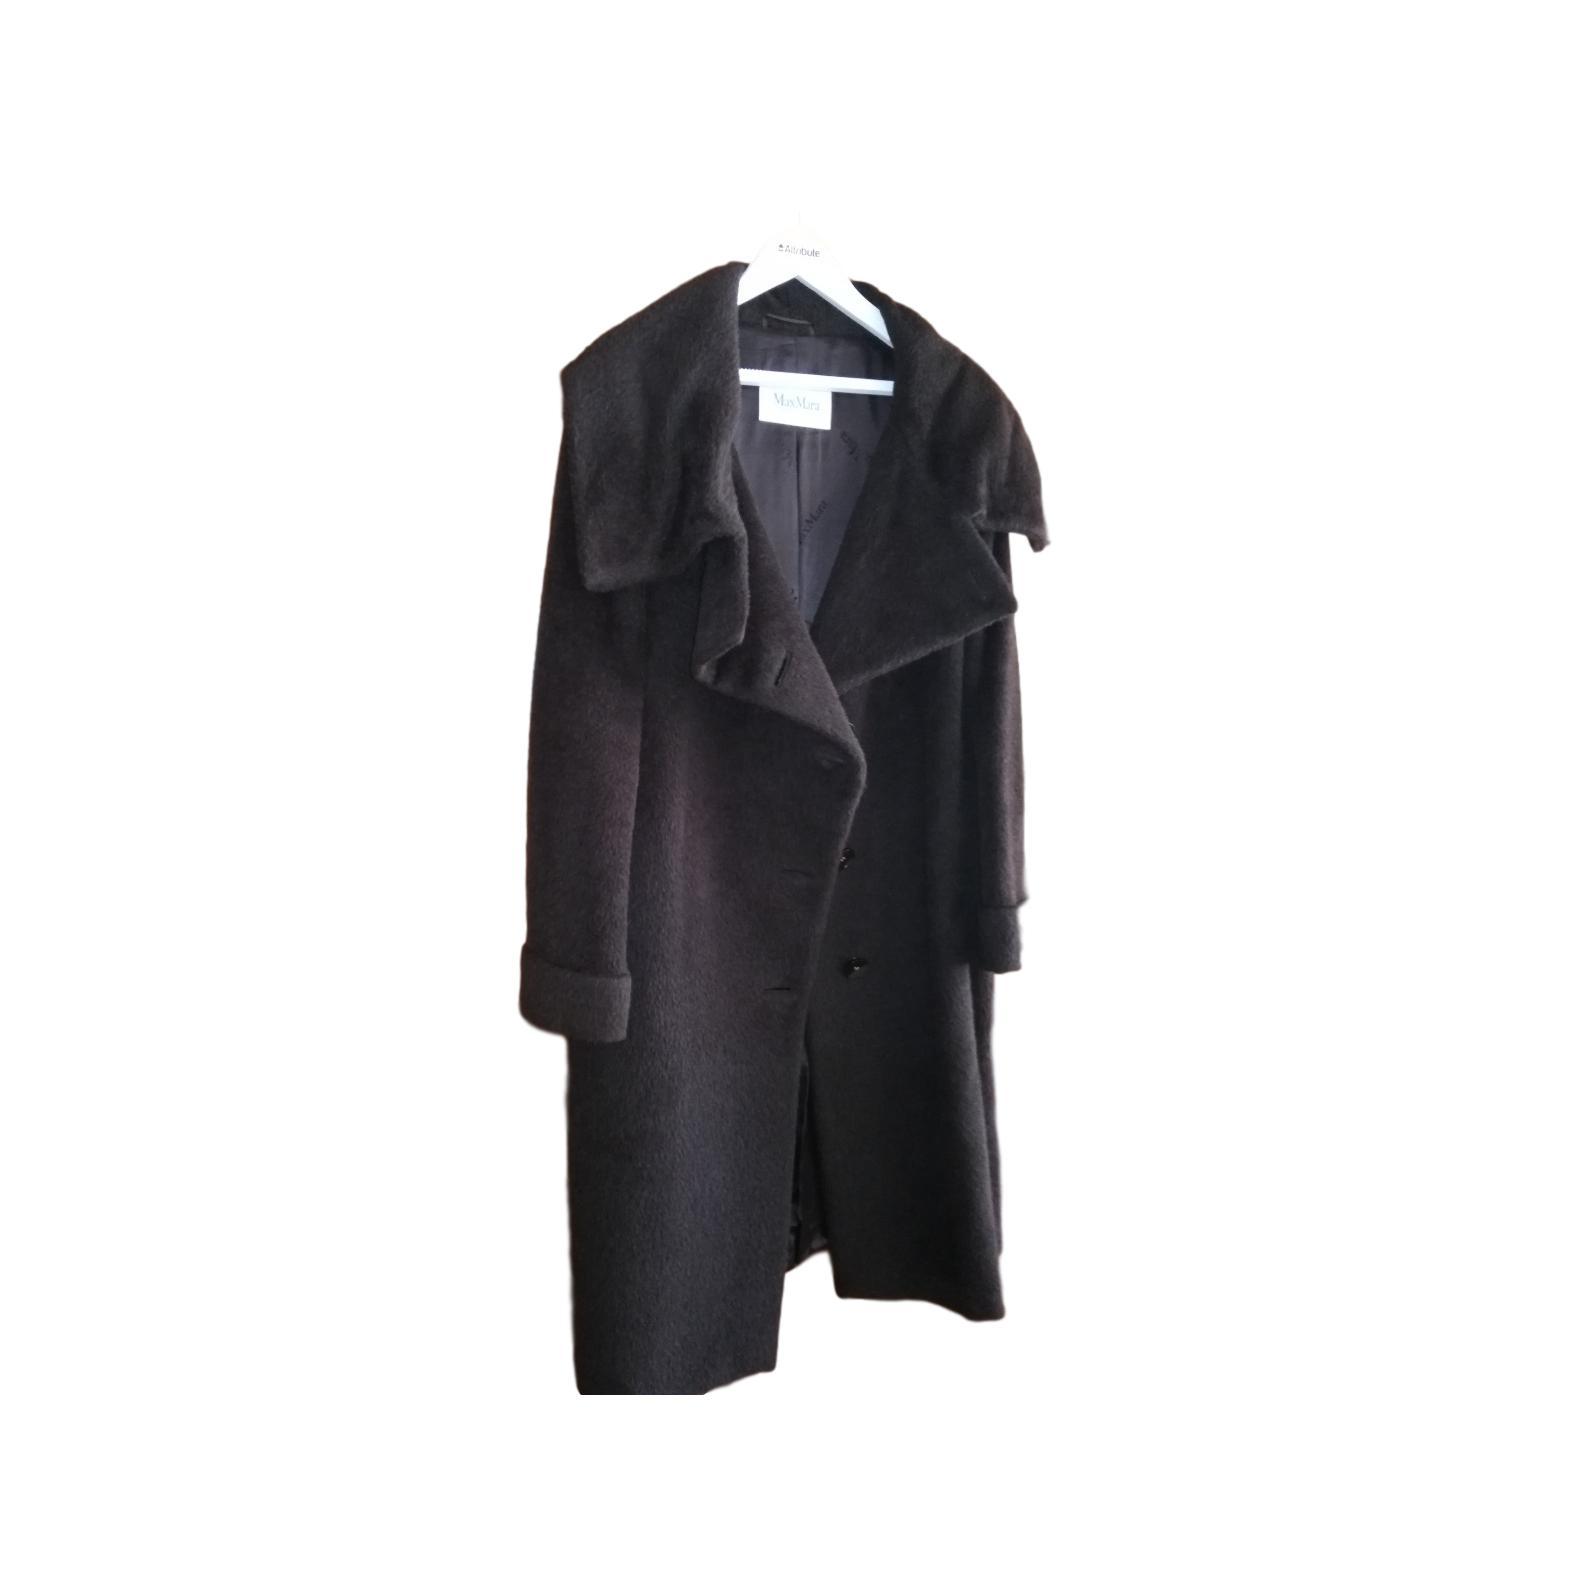 fed20e1816b Купить пальто MaxMara за 10000 руб. в интернет магазине - бутике с ...